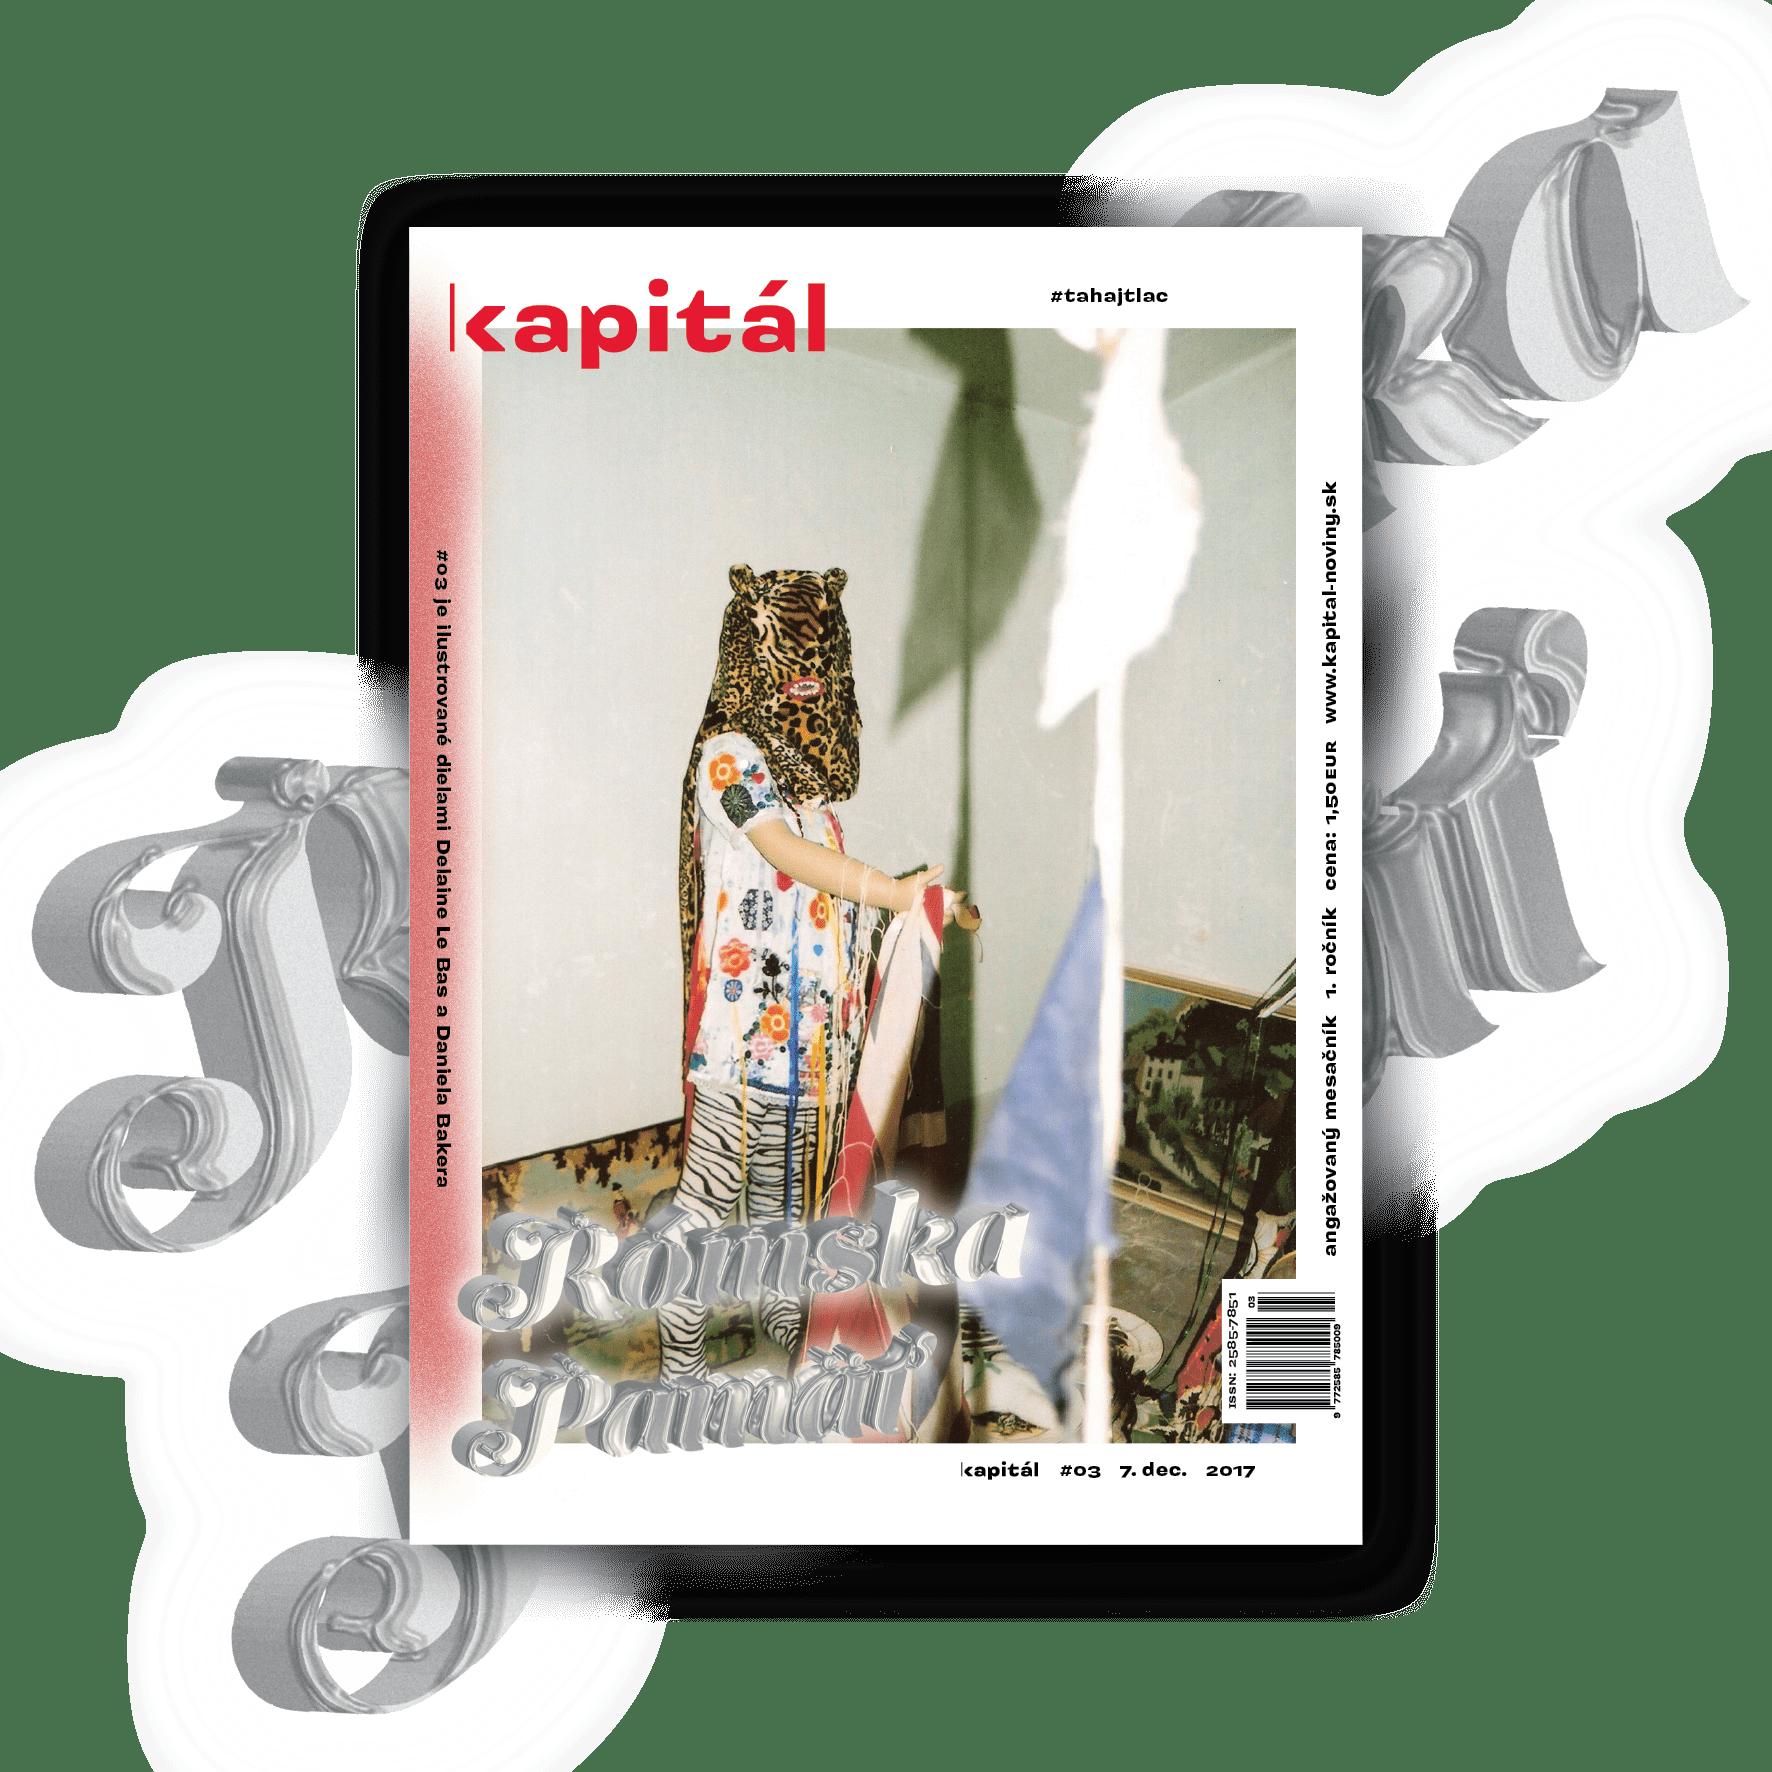 https://i0.wp.com/kapital-noviny.sk/wp-content/uploads/2018/09/1710_KAPITAL-02_Romska-pamat-na-web-profilovka.png?fit=1772%2C1772&ssl=1